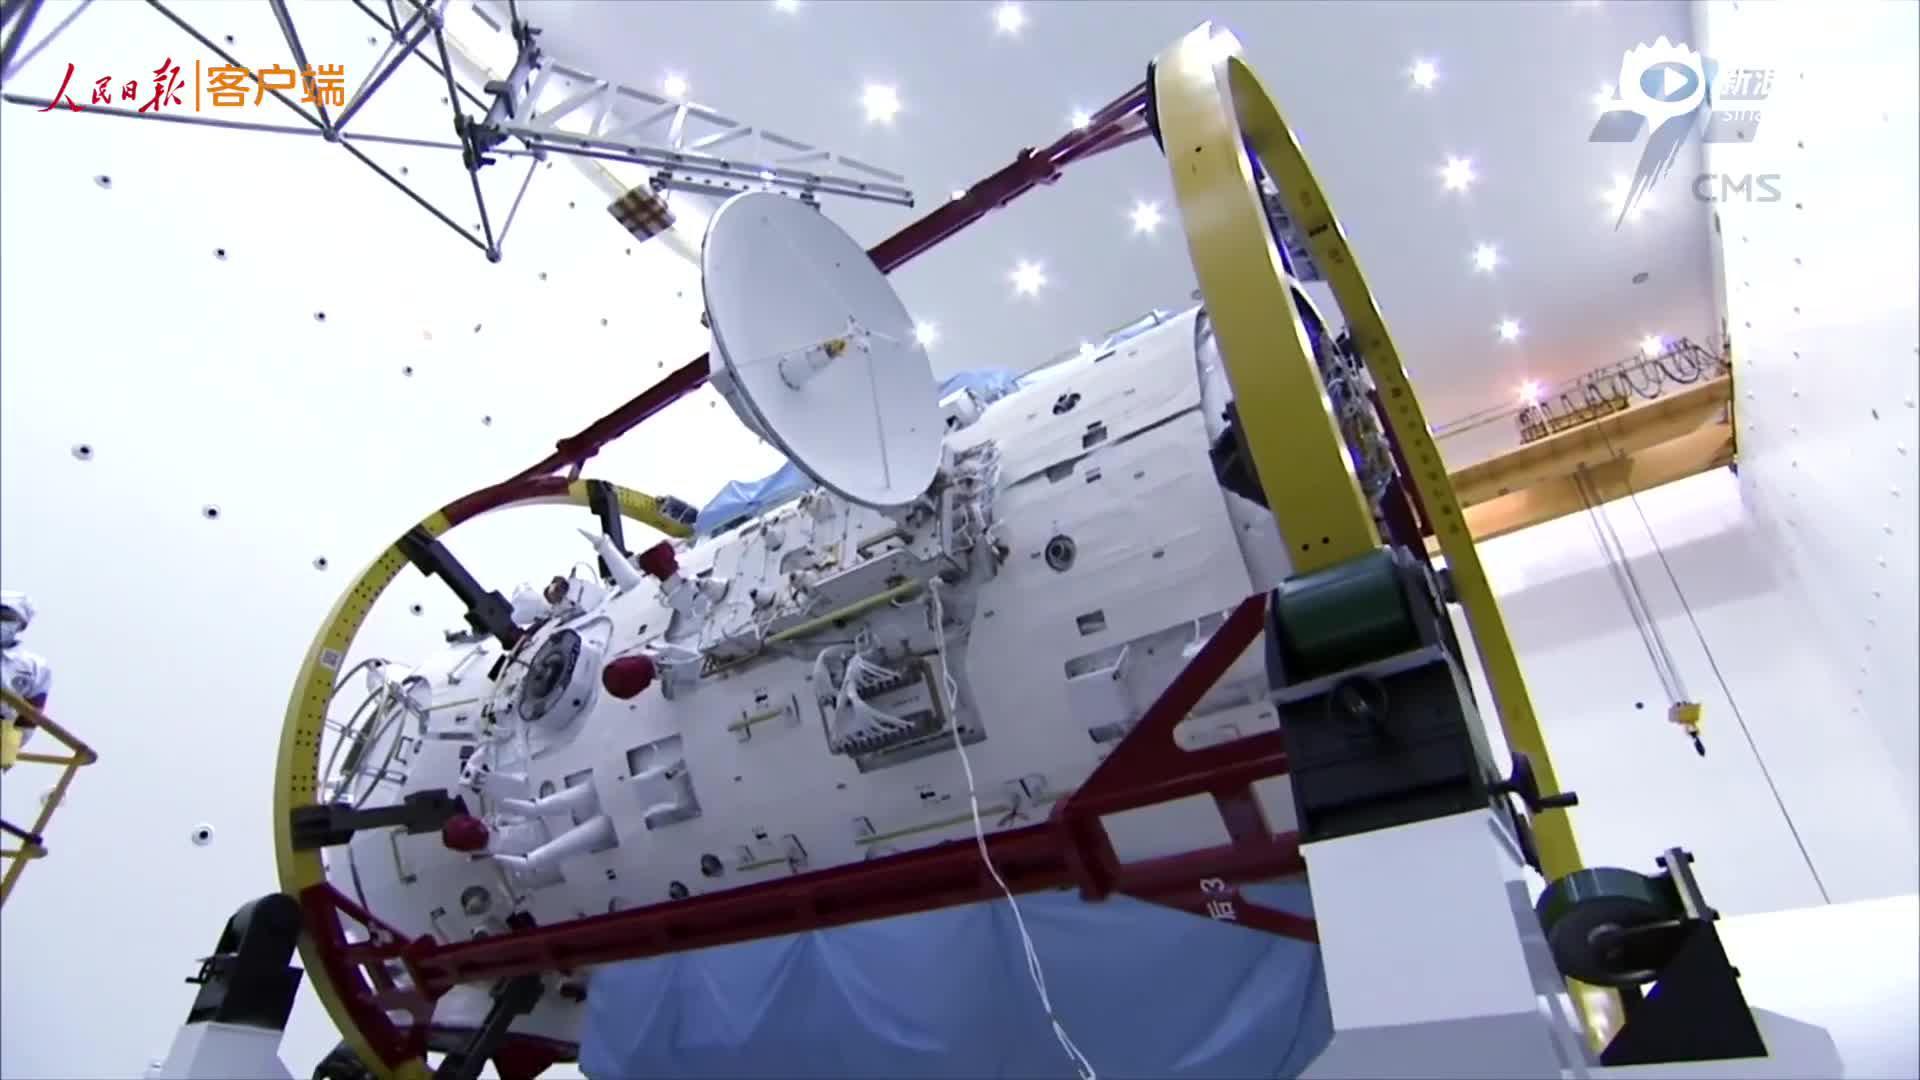 骄傲!天和核心舱发射全纪录